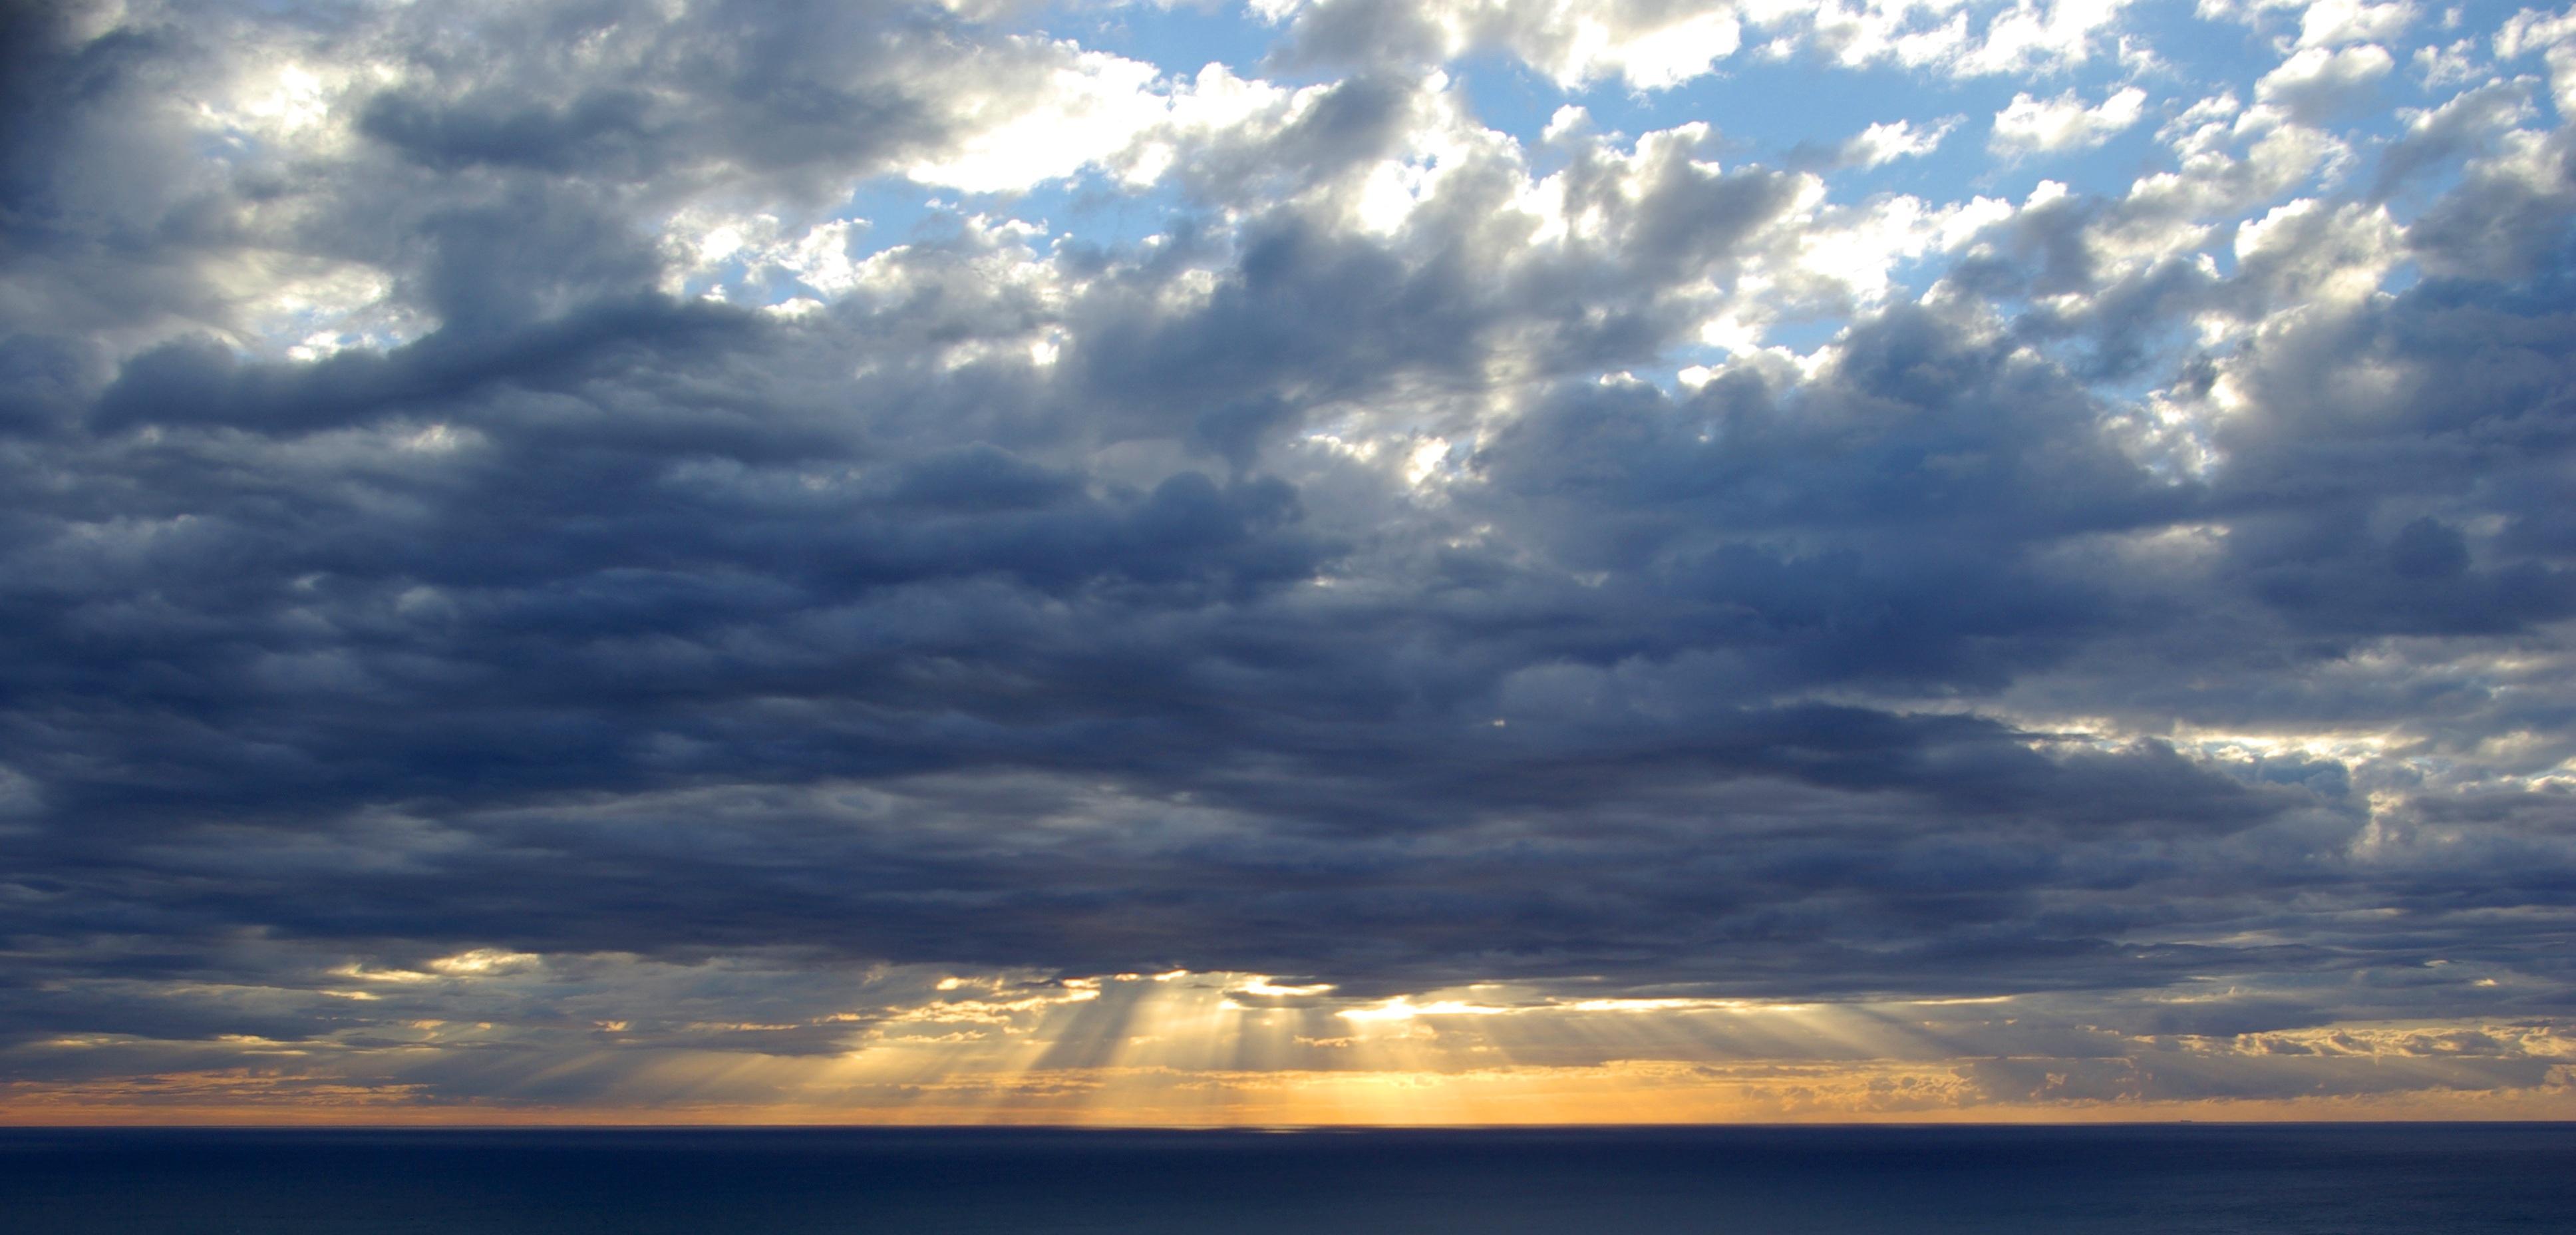 Free images beach sea nature ocean horizon cloud sky sun beach sea nature ocean horizon cloud sky sun sunrise sunset sunlight dawn atmosphere dusk evening cumulus altavistaventures Images